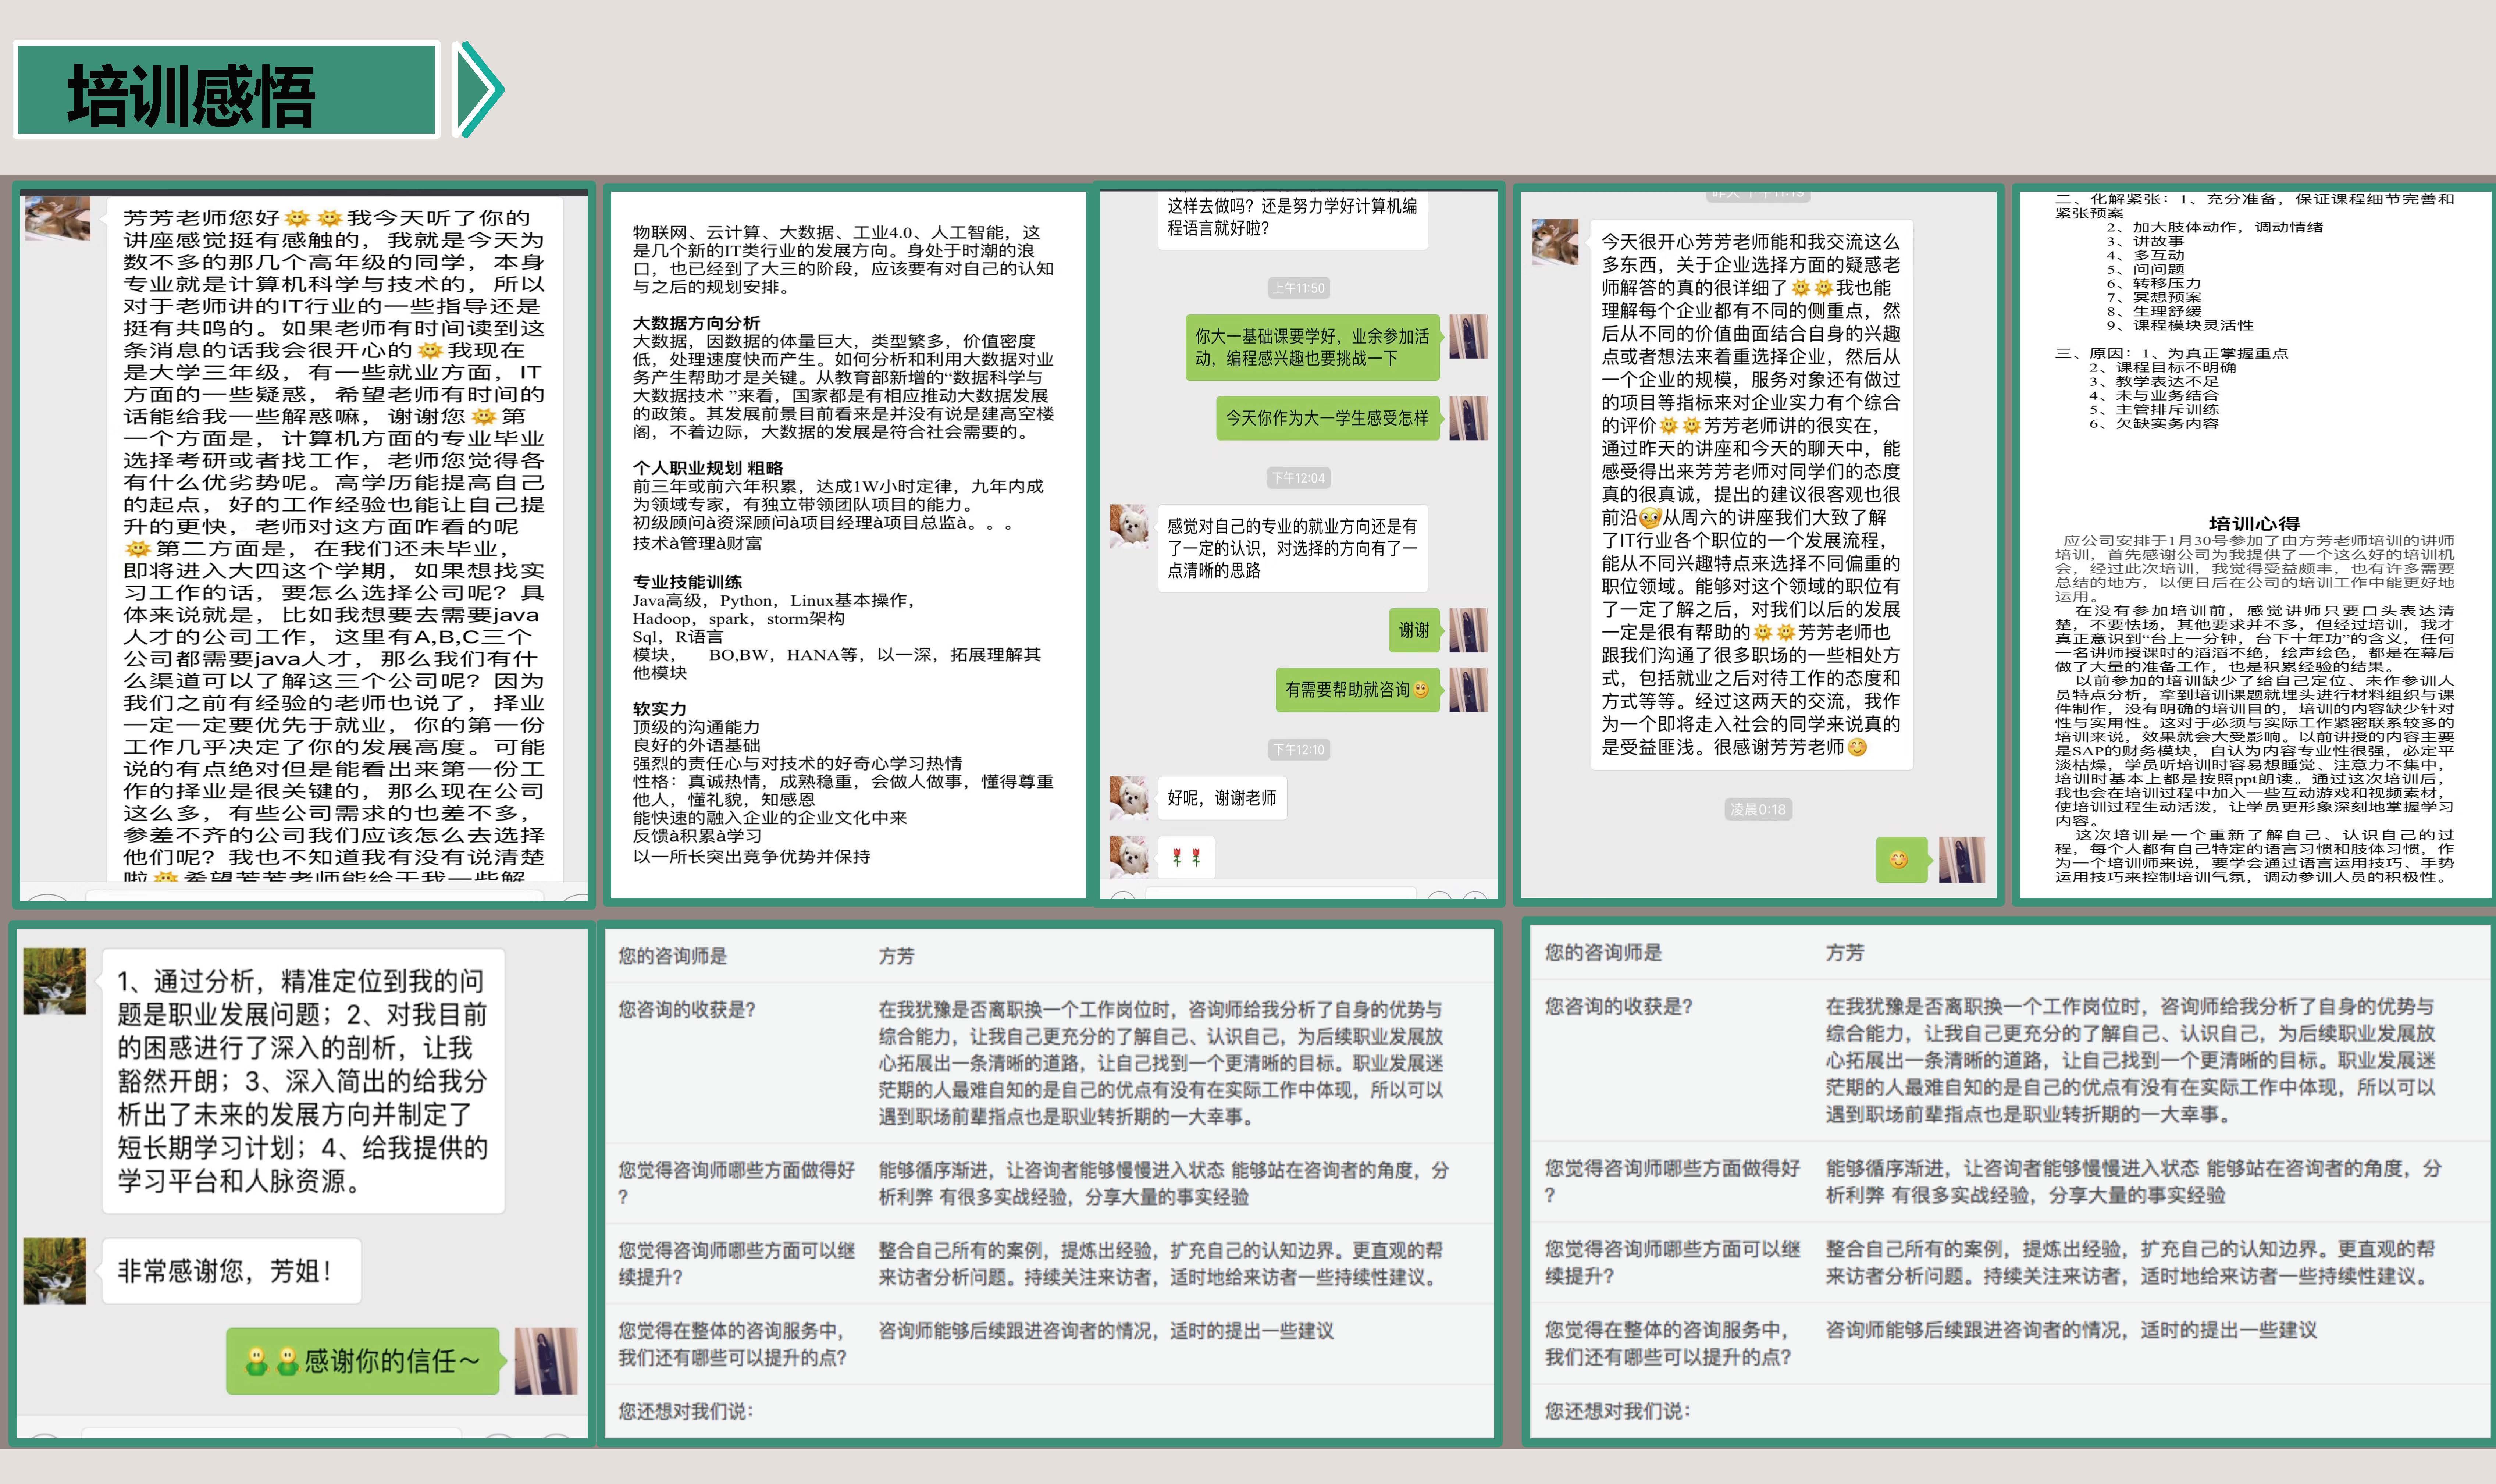 方老师简介通用版的副本_页面_25